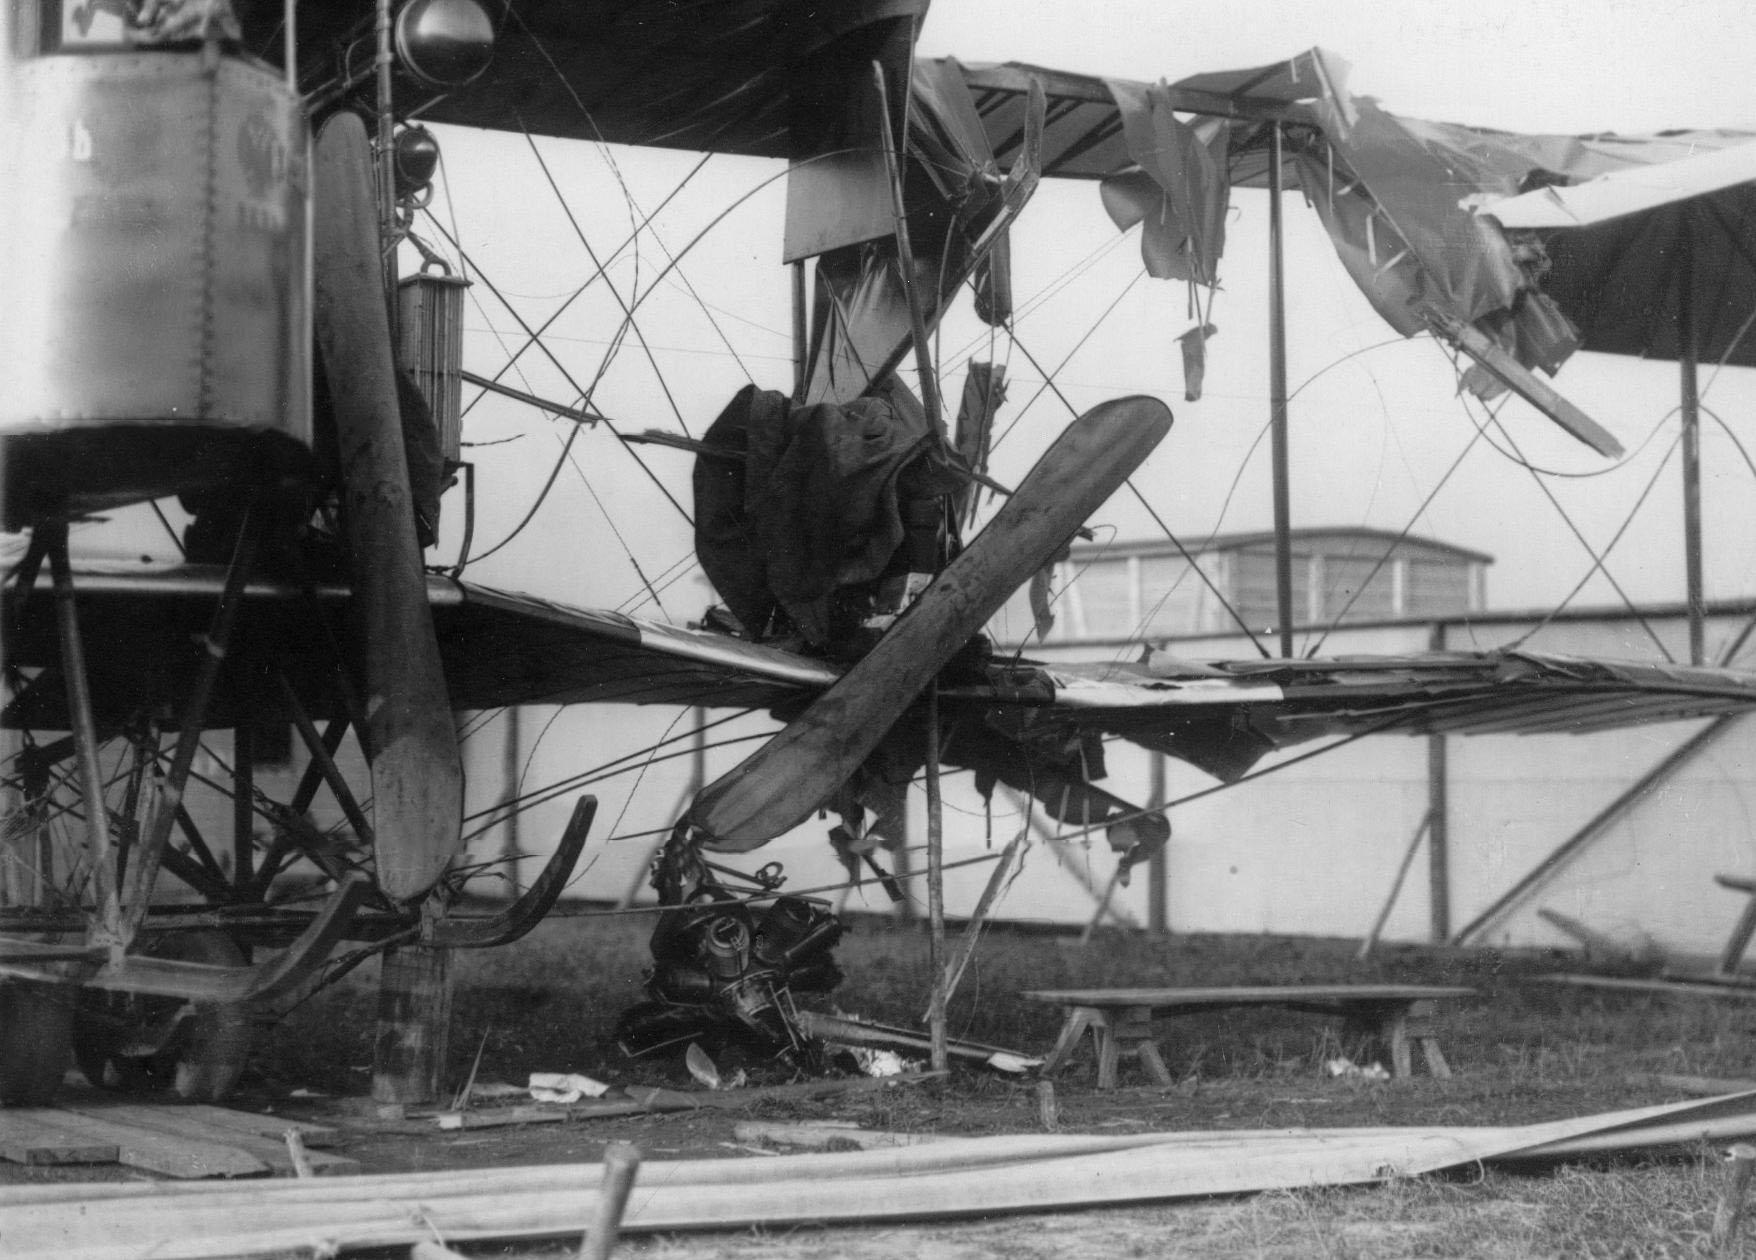 22. Обломки аэроплана «Русский витязь», потерпевшего аварию. (На него упал мотор, оторвавшийся в воздухе с самолета). 1 сентября 1913